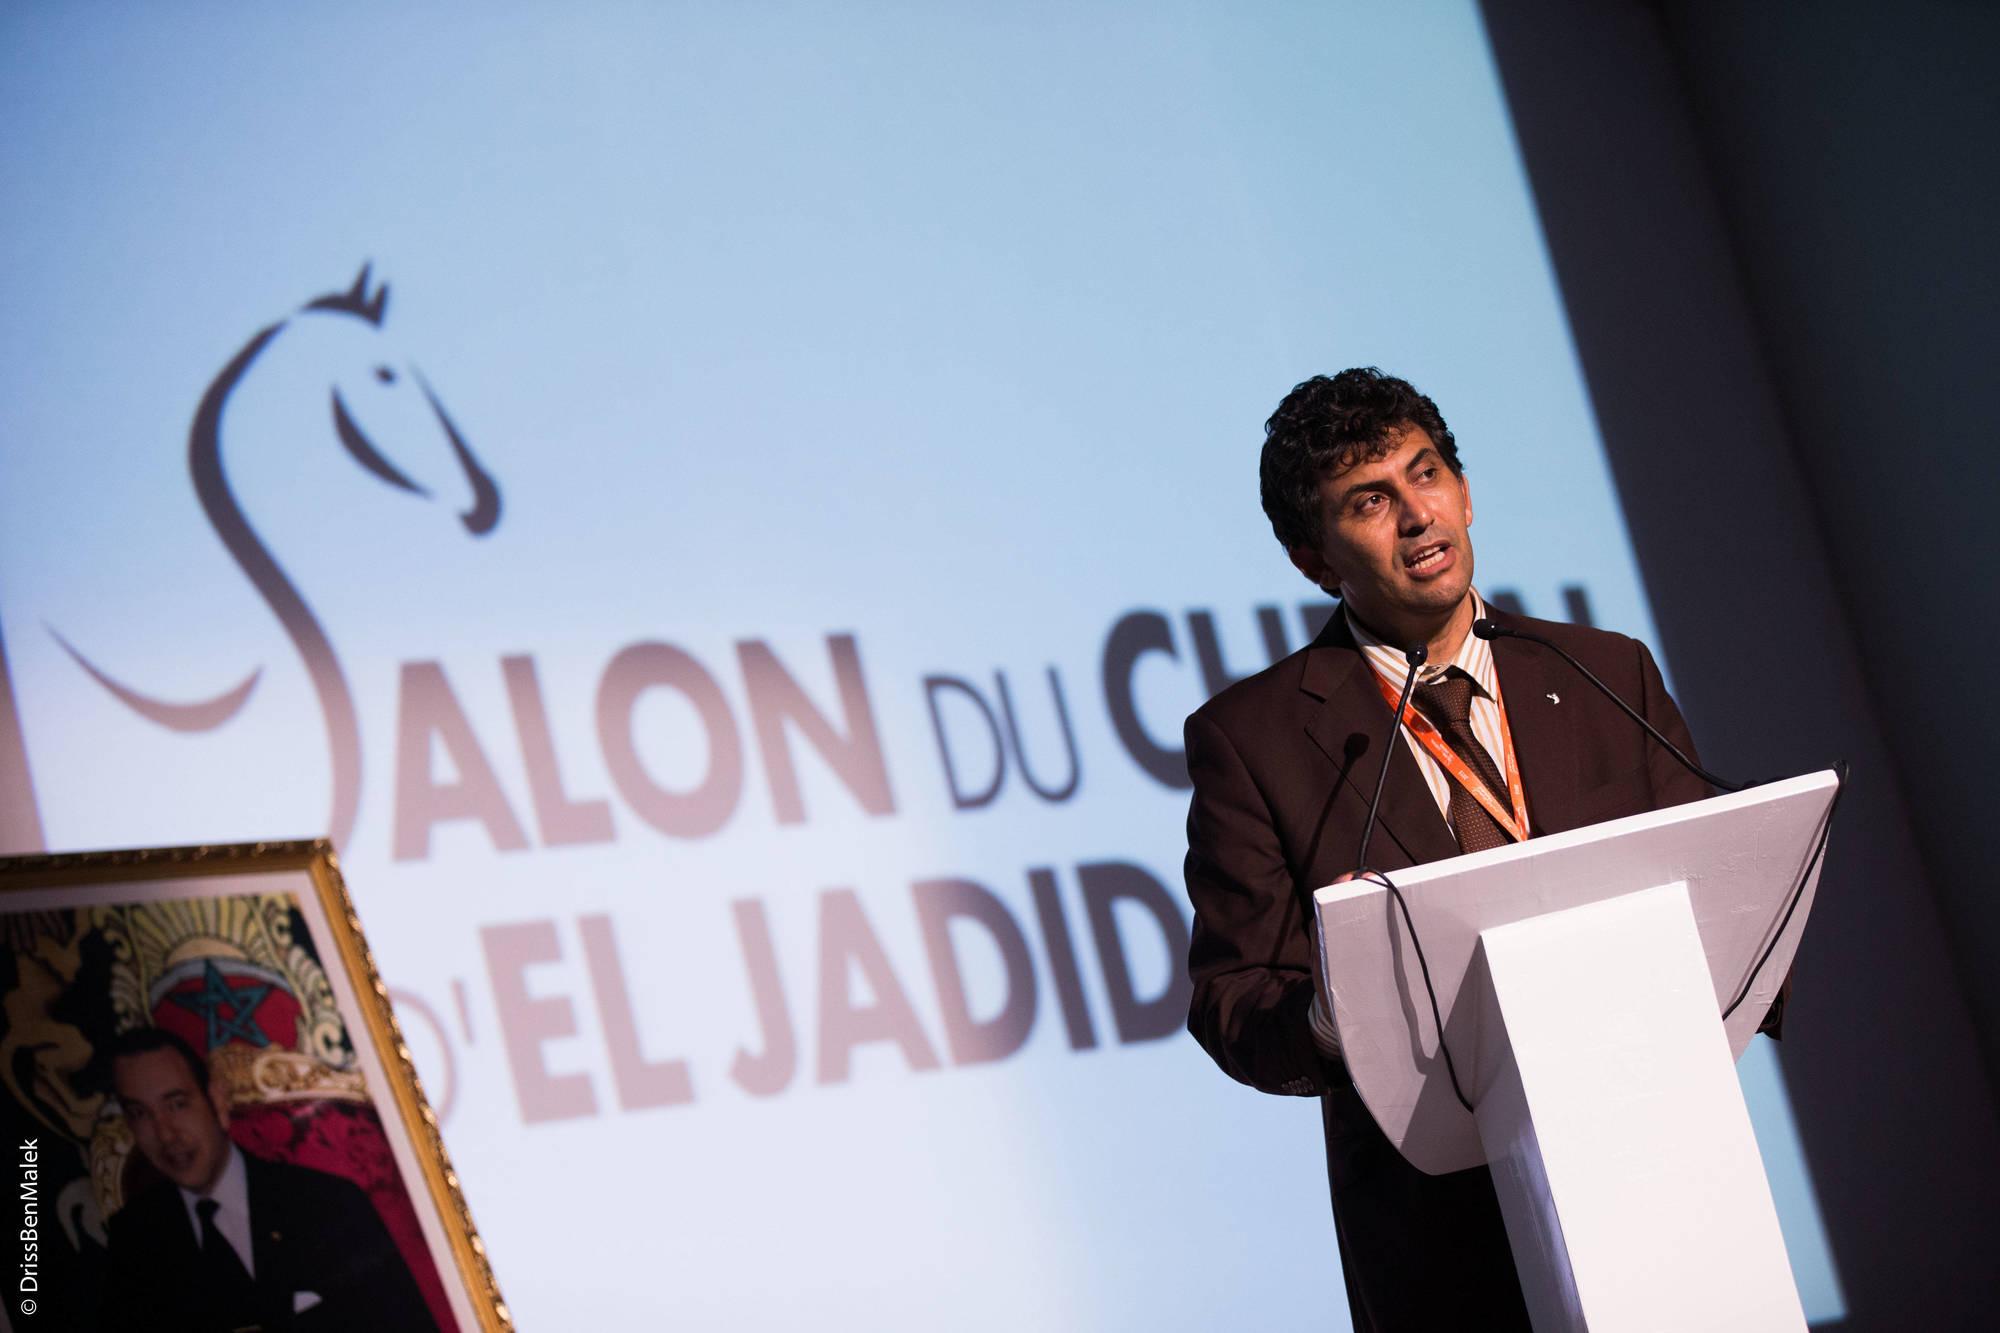 El Salon du Cheval El Jadida 2013